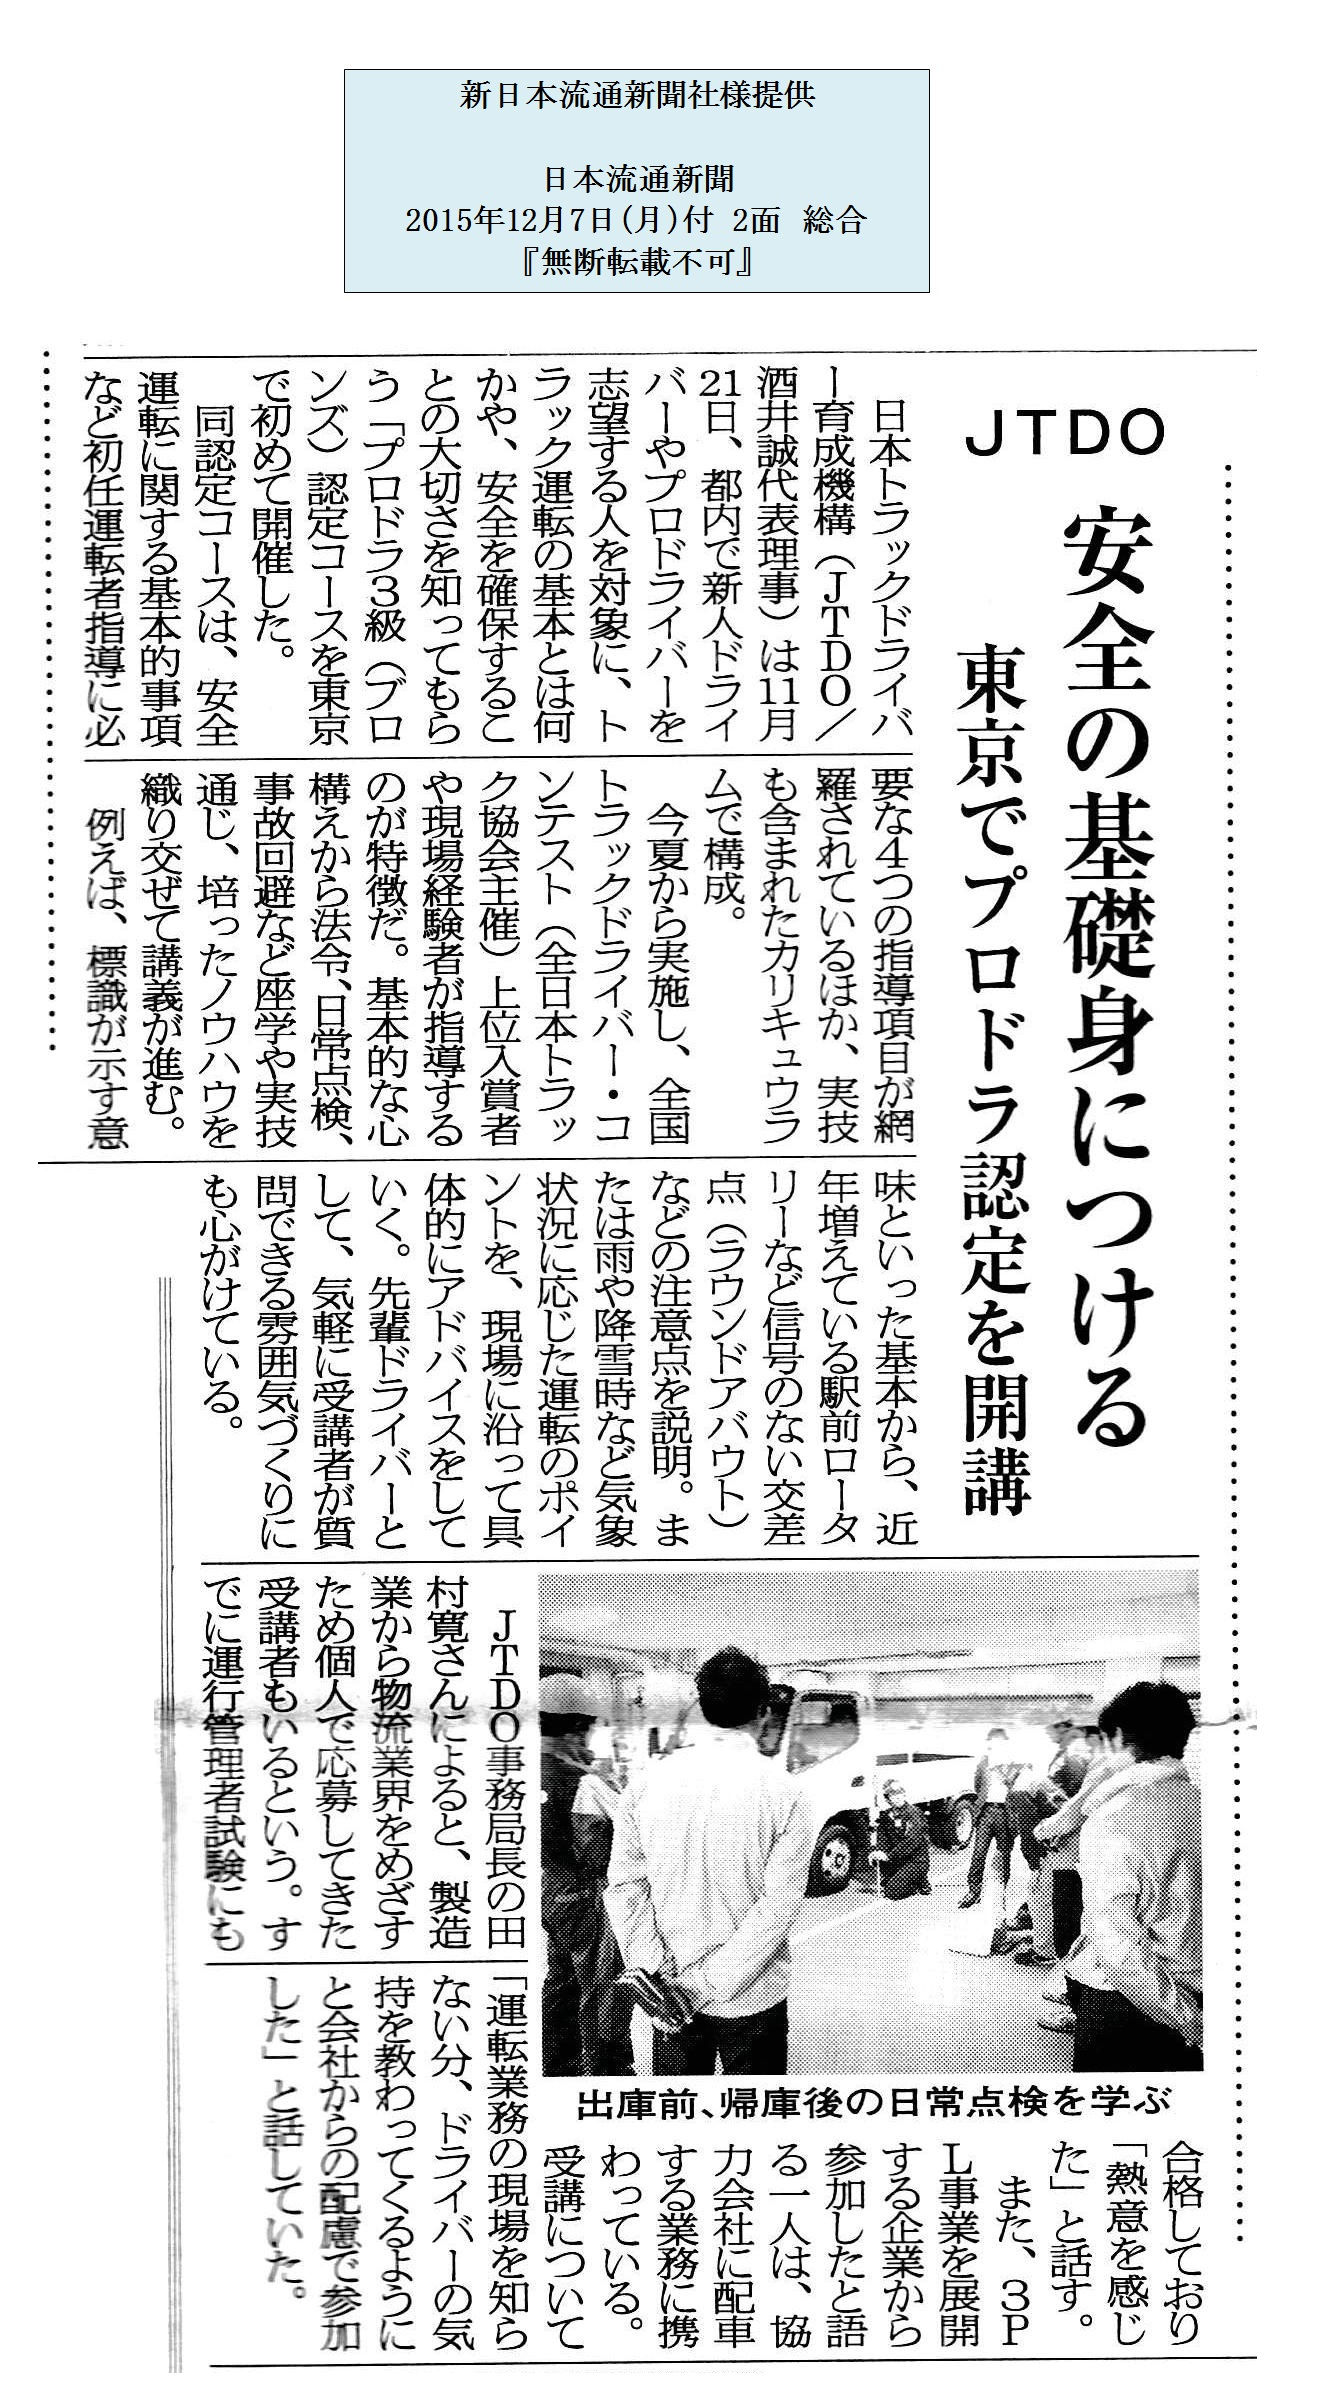 20151207日本流通新聞記事